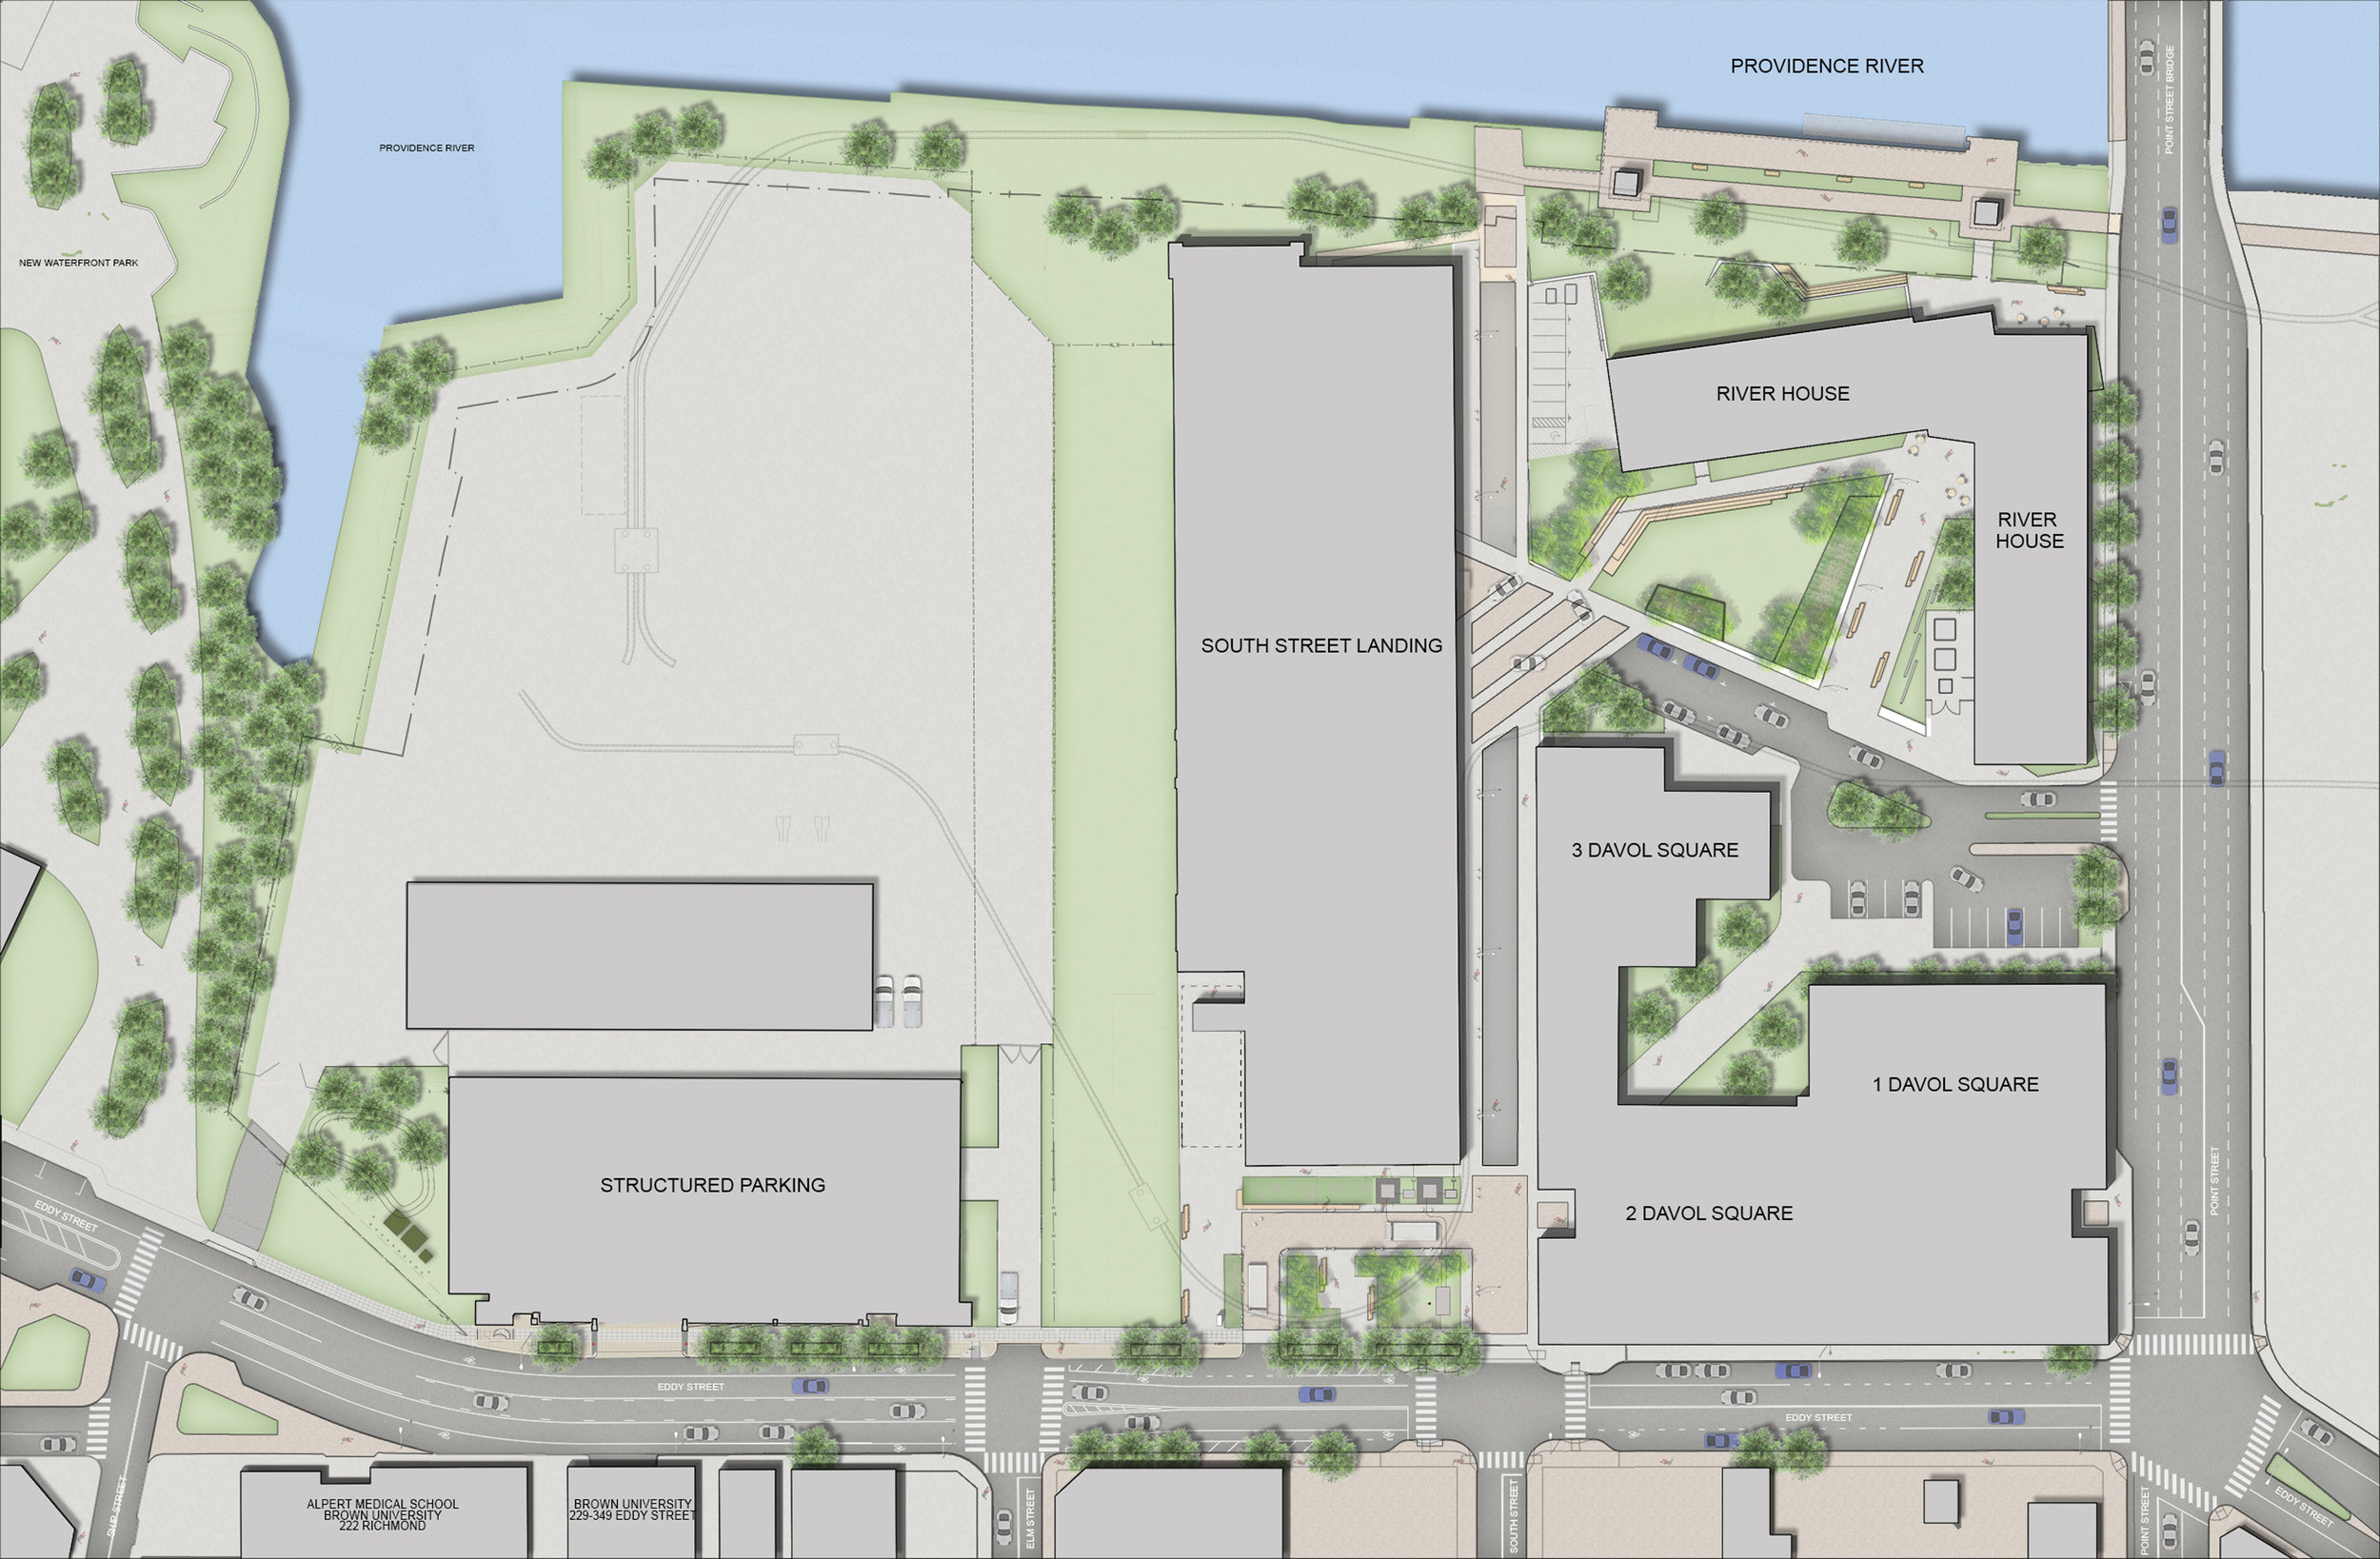 South Street Landing Site Plan